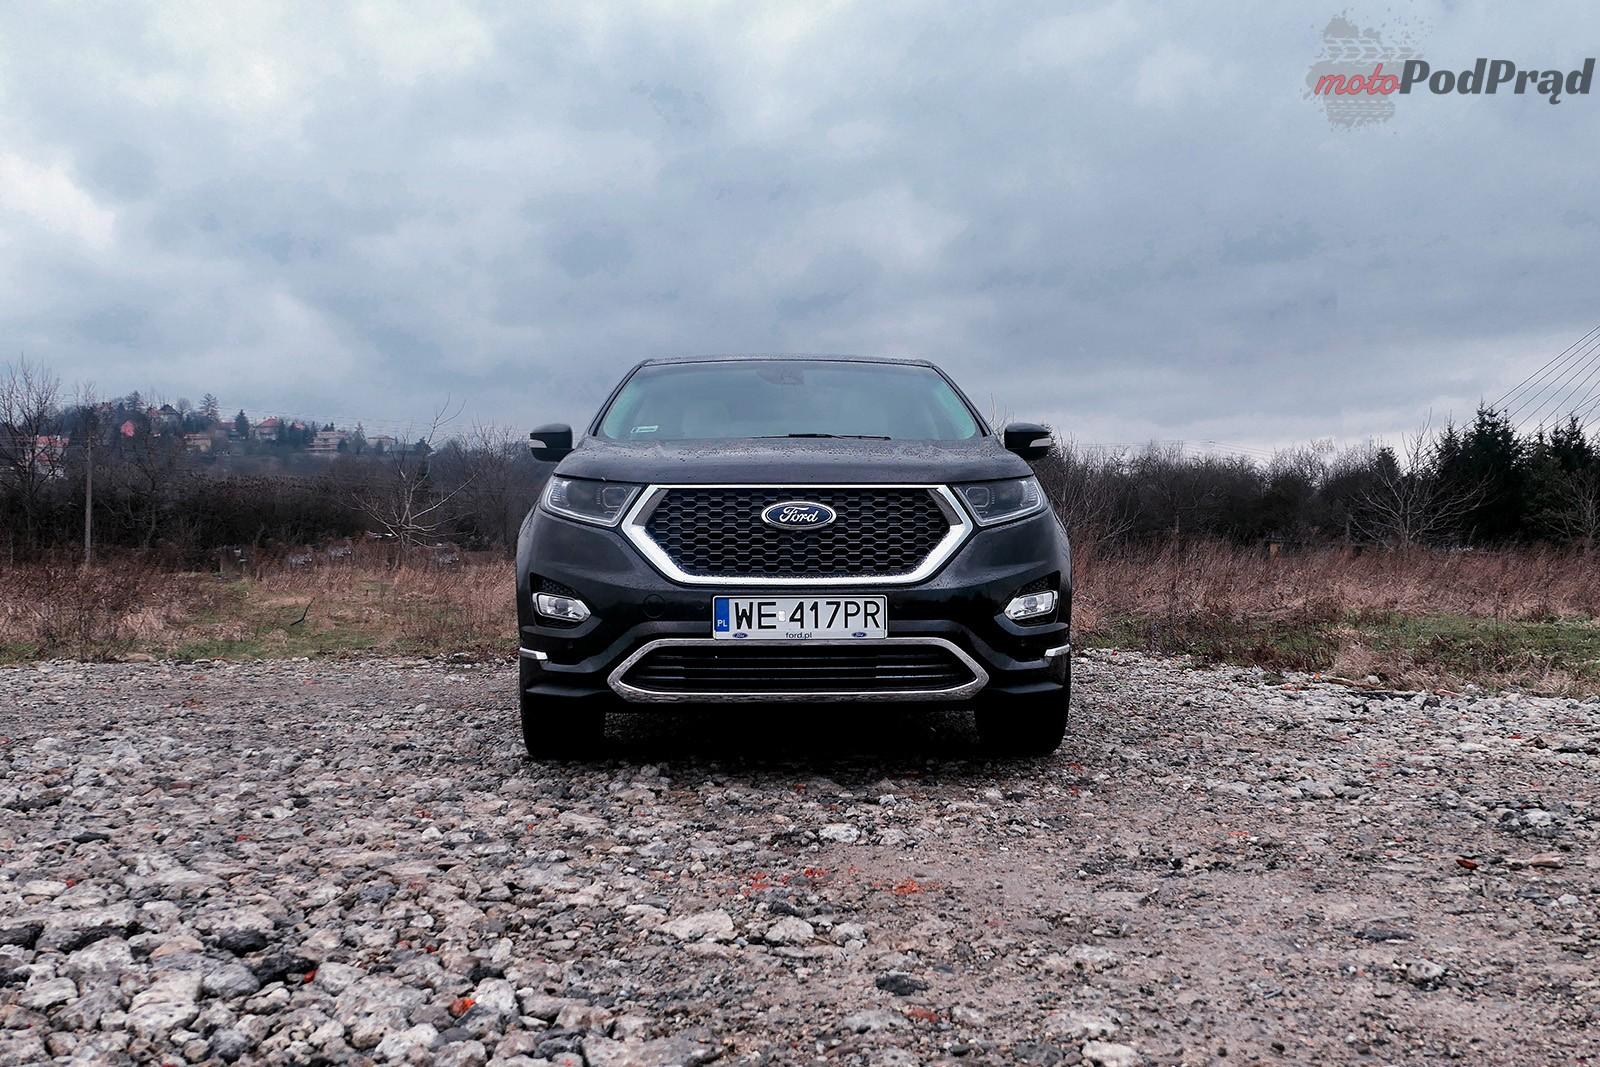 Ford Edge 22 Test: Ford Edge Vignale 2.0 TDCi   potęguje zadowolenie właściciela